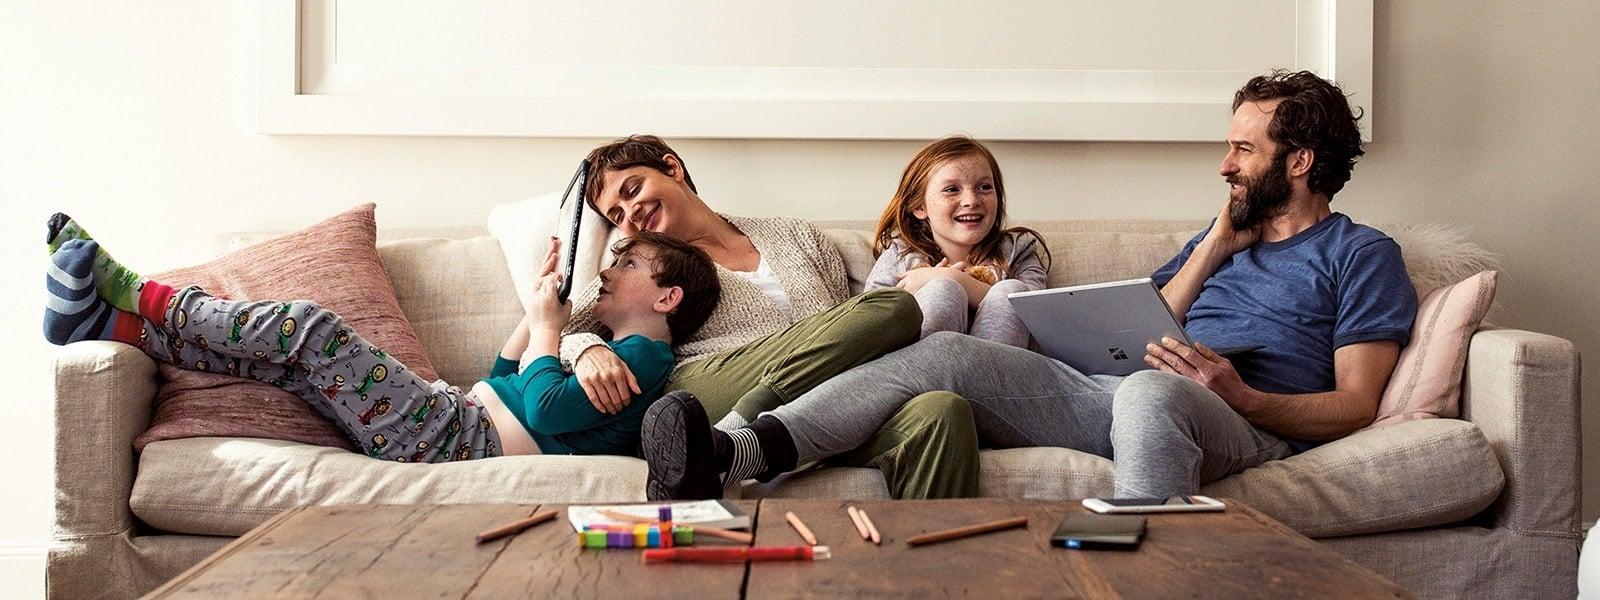 Familie auf dem Sofa